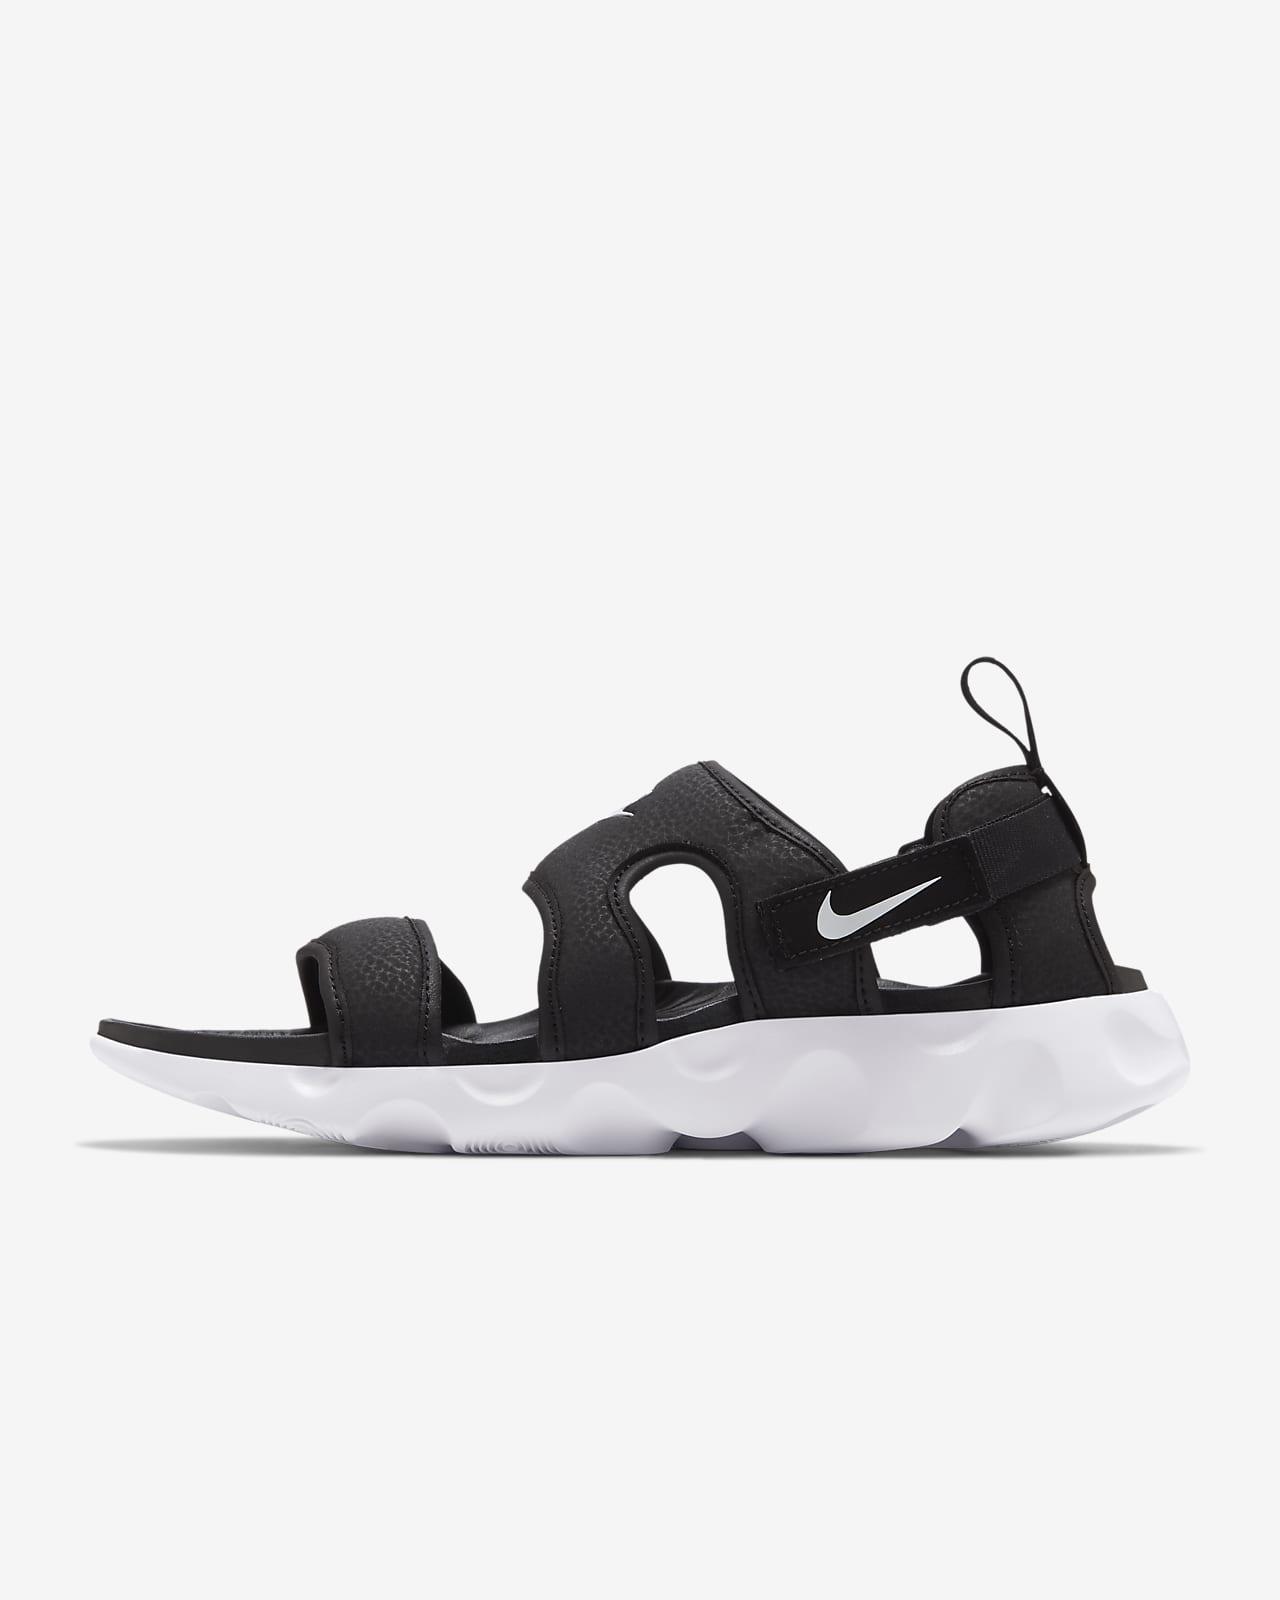 Nike Owaysis Women's Sandal